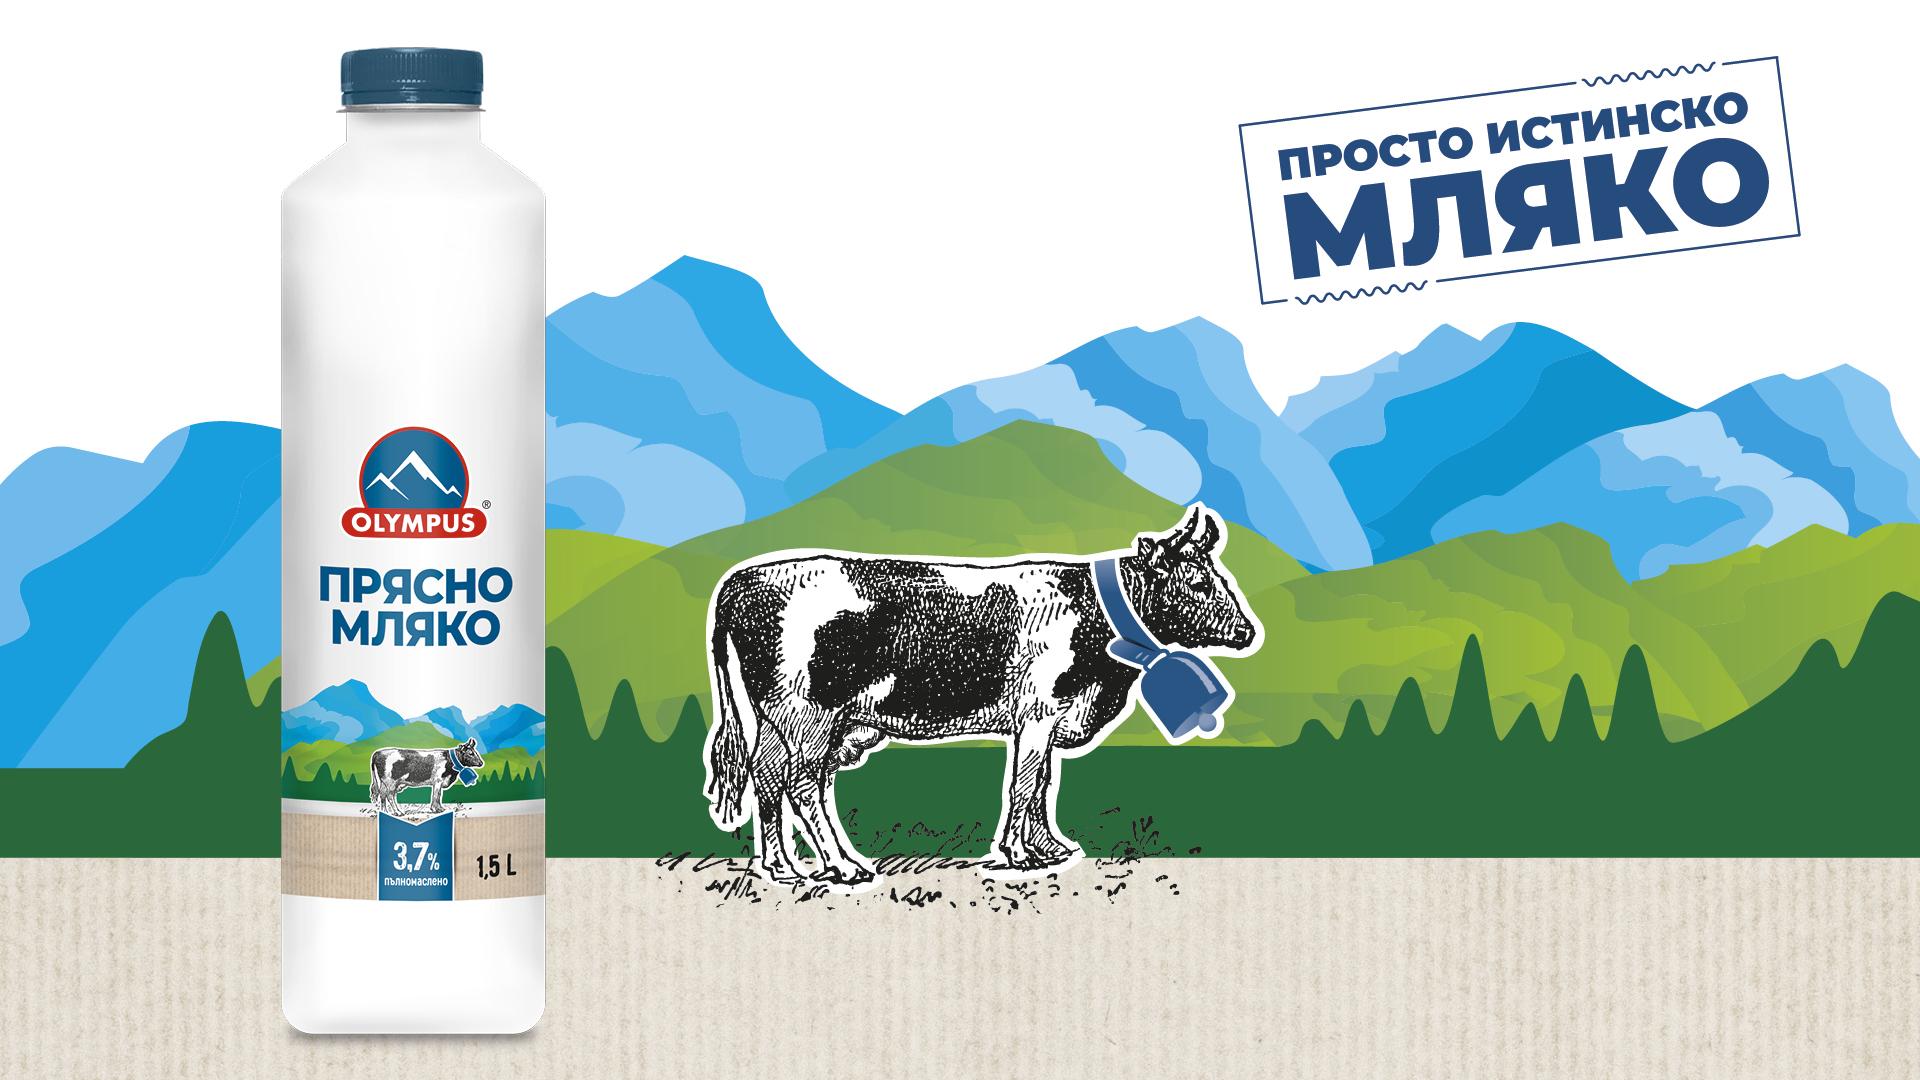 Прясно мляко за всички с новата по-голяма опаковка на Olympus image